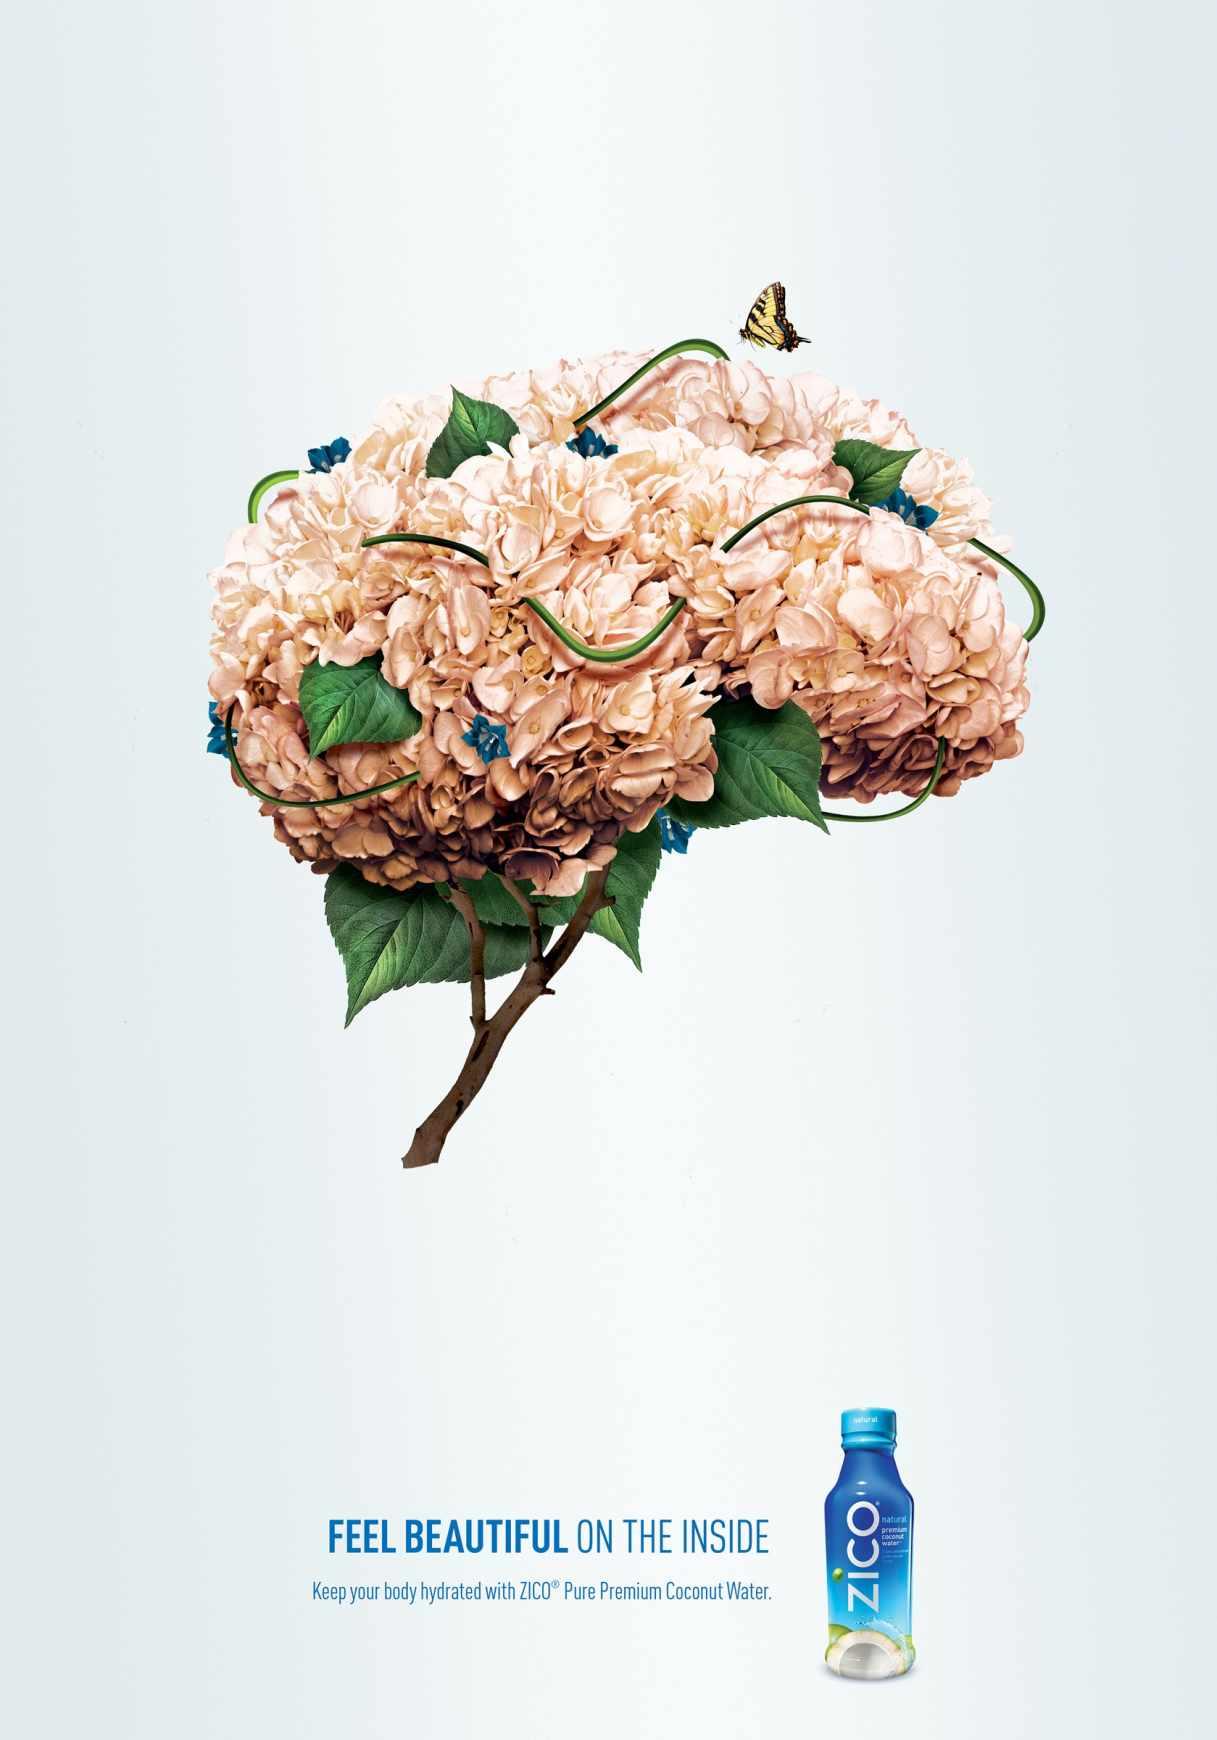 dans-ta-pub-creativité-création-prints-brillants-idées-affiche-publicité-92-7